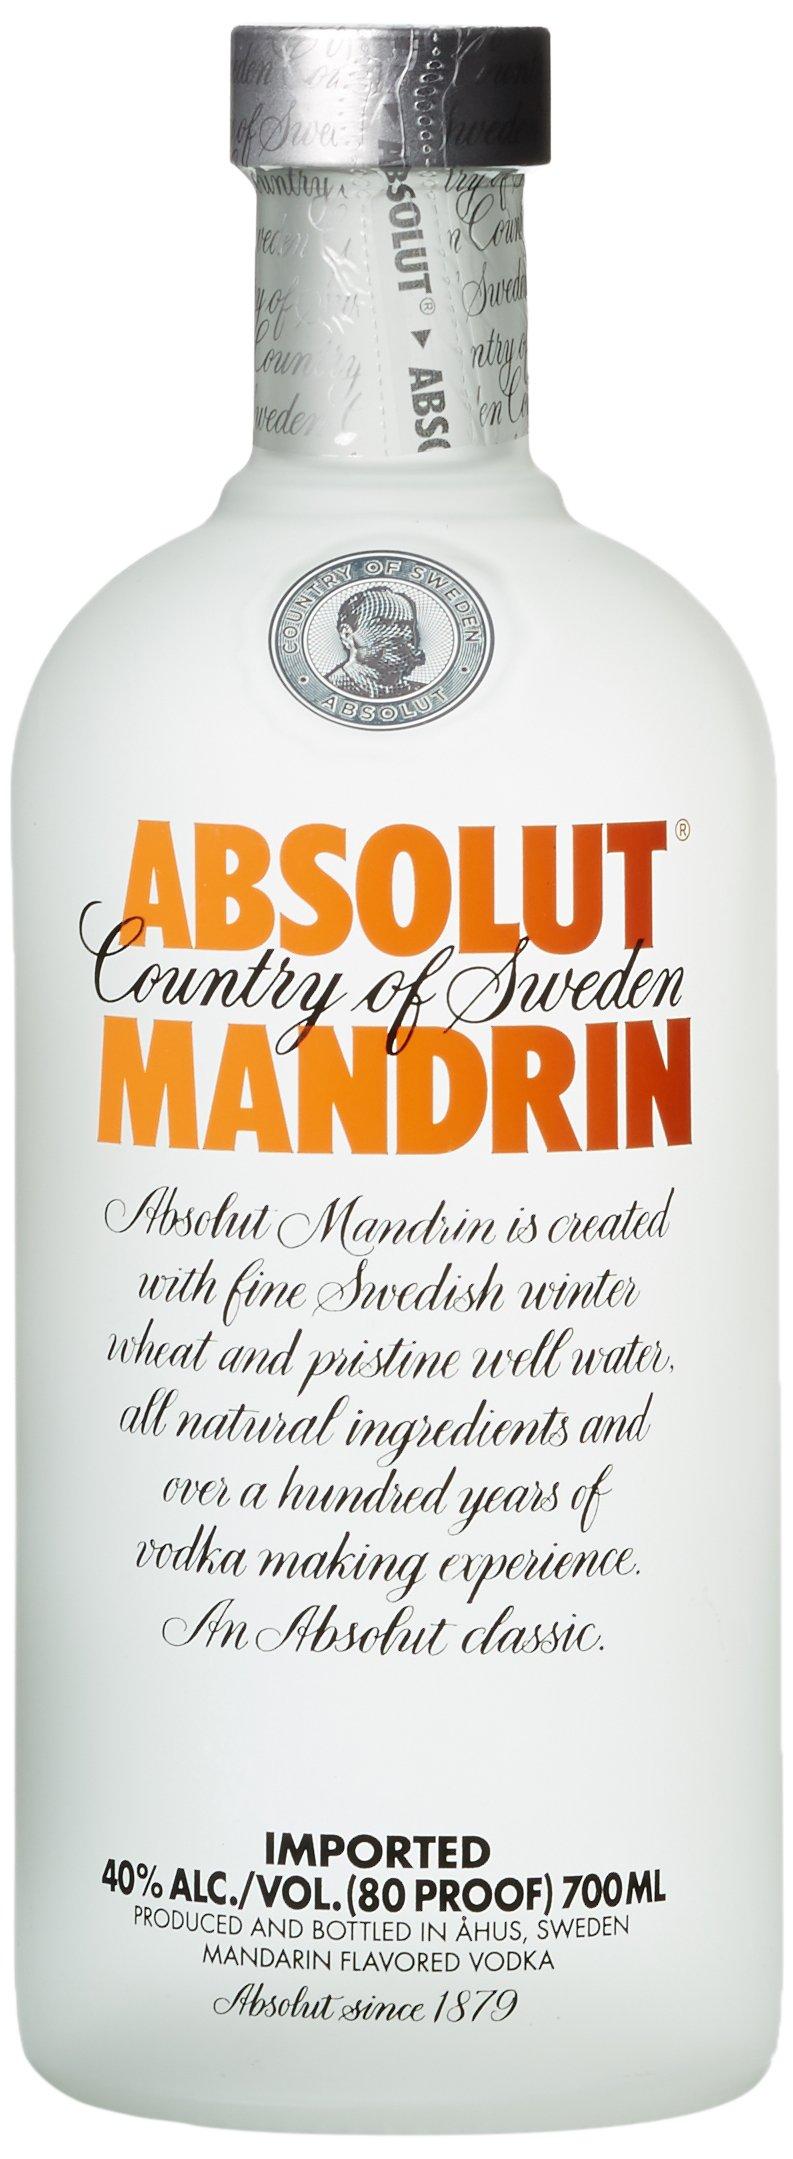 Absolut-Mandrin–Absolut-Vodka-mit-Mandarinen-Orangen-Aroma–Absolute-Reinheit-und-einzigartiger-Geschmack-in-ikonischer-Apothekerflasche